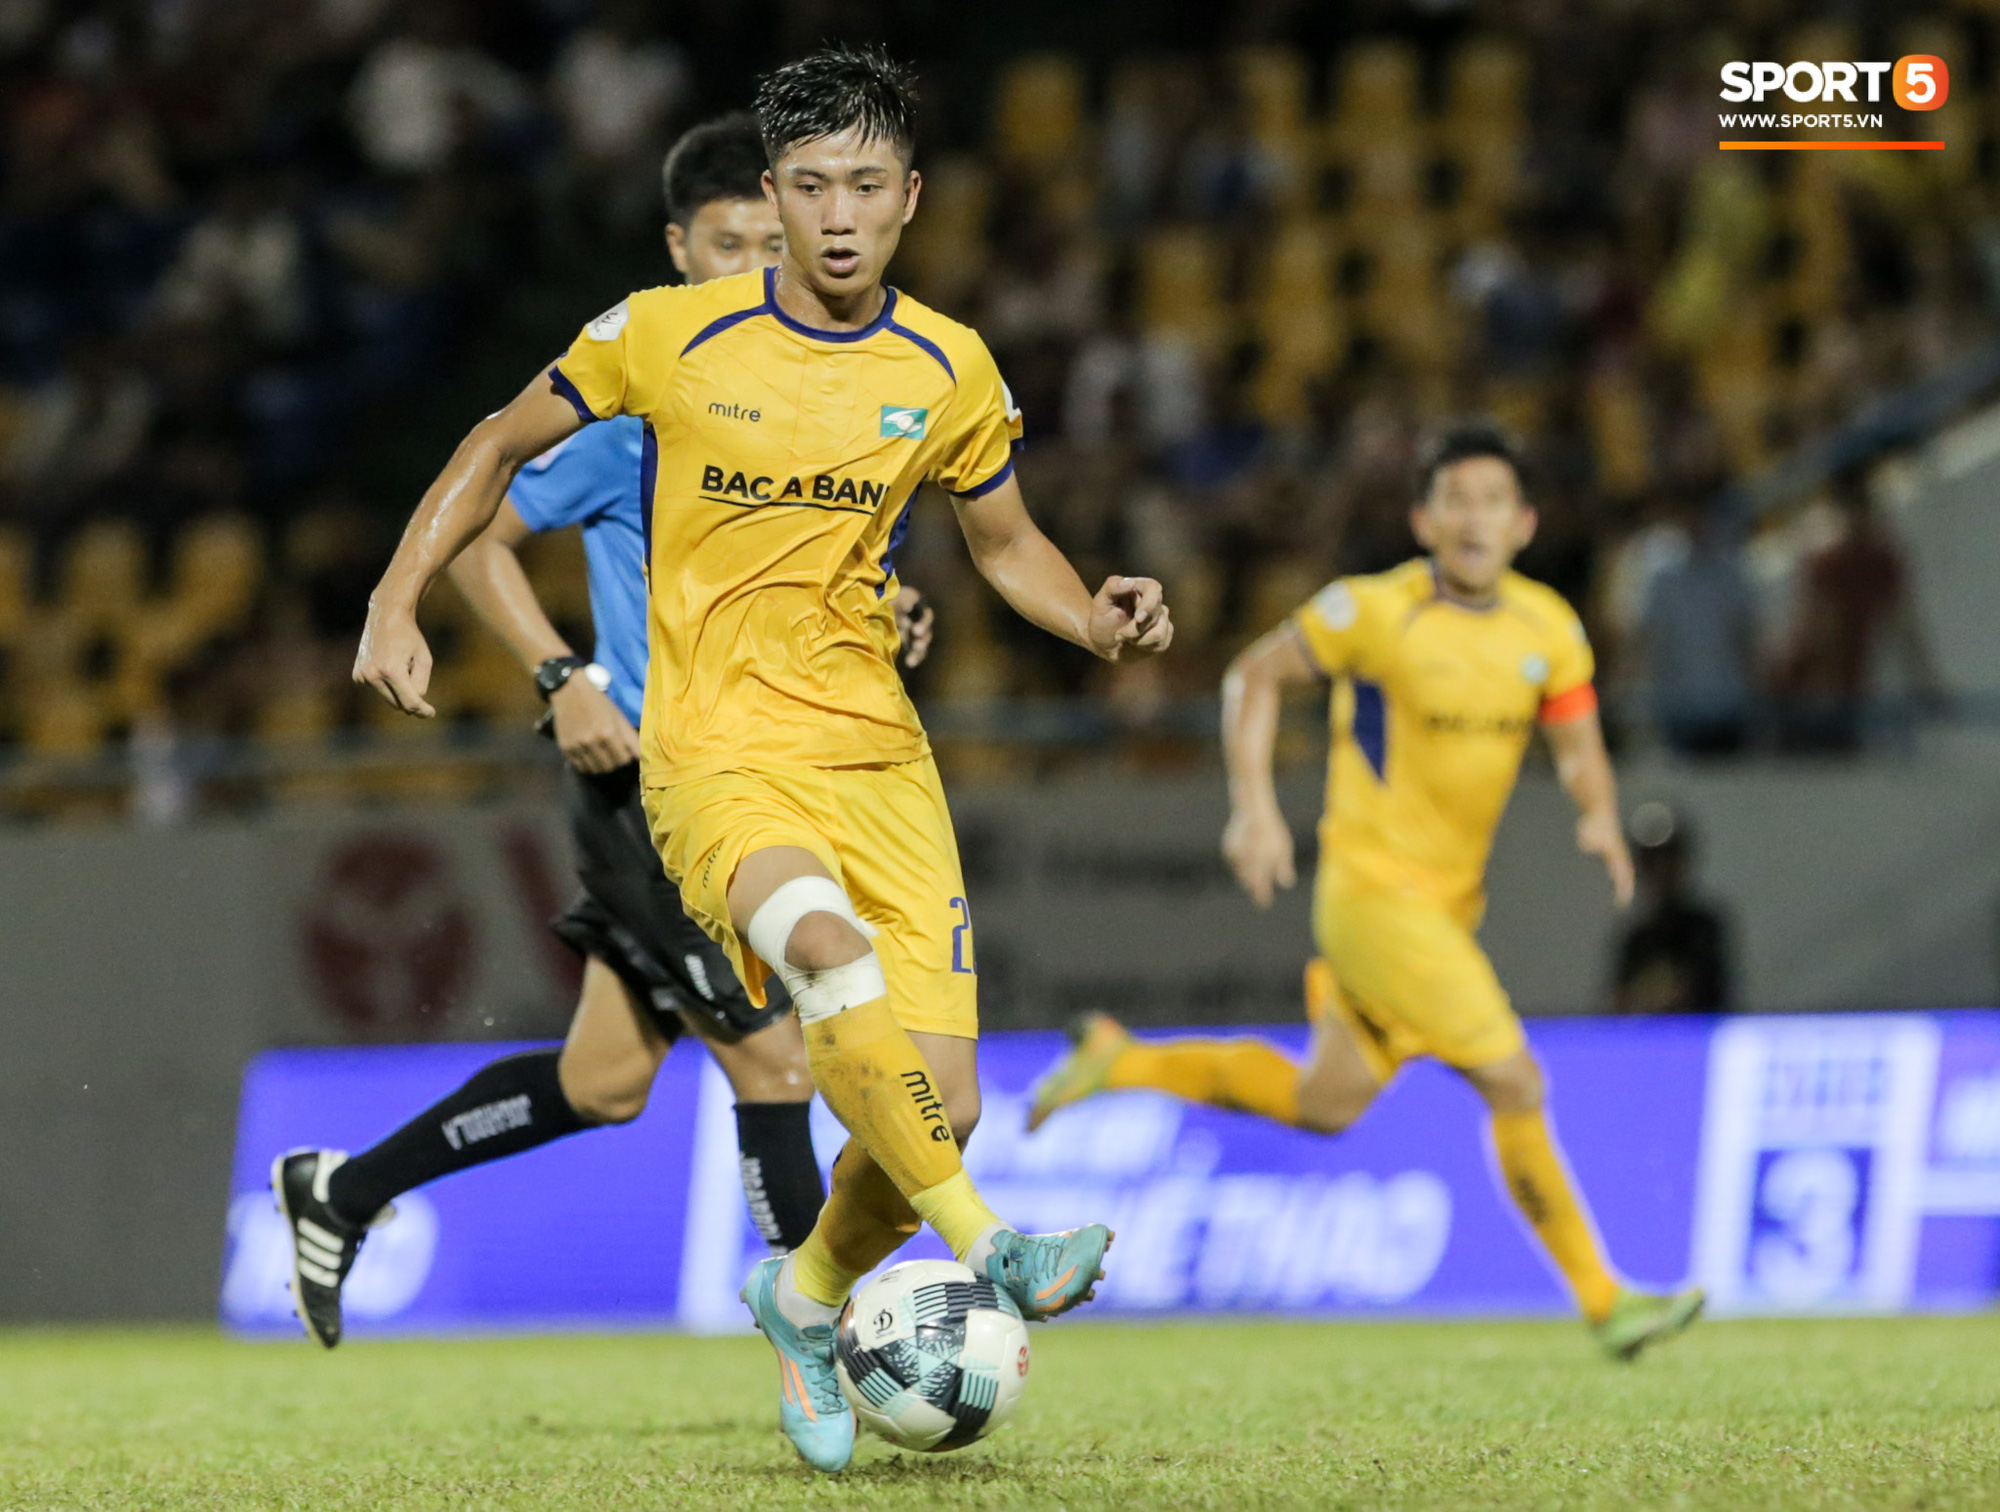 Phan Văn Đức lấy vội điện thoại để xem điều này sau trận thứ 6 không thắng tại V.League 2020 - Ảnh 1.